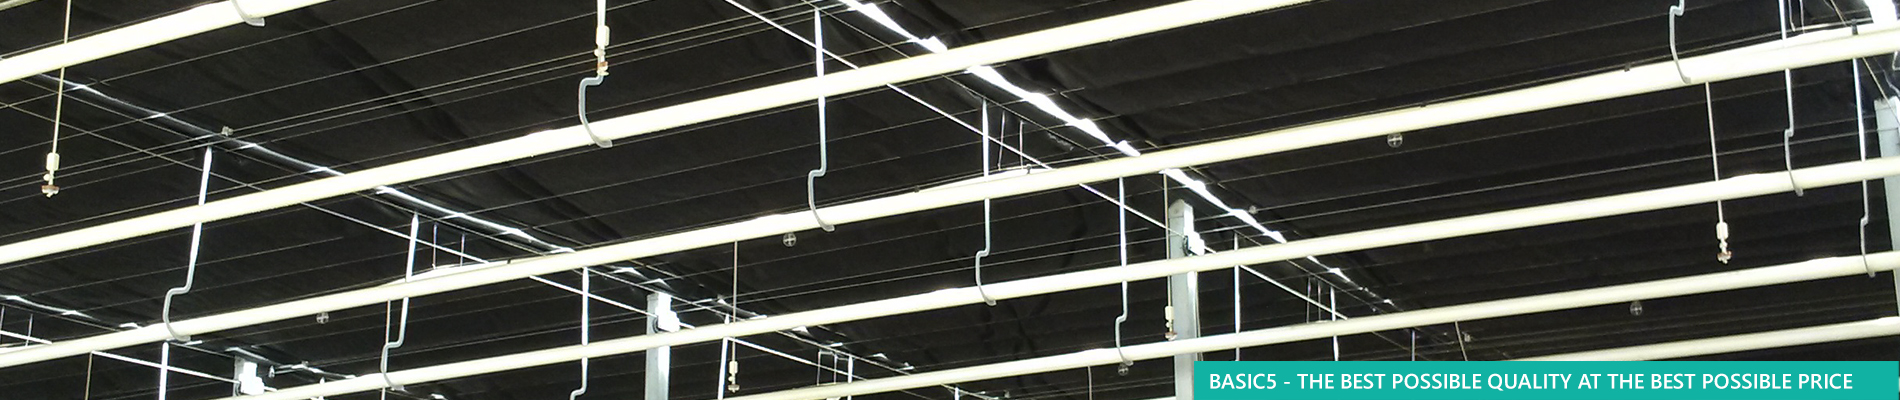 Produzione di schermi termici per oscuramento - Aduno srl